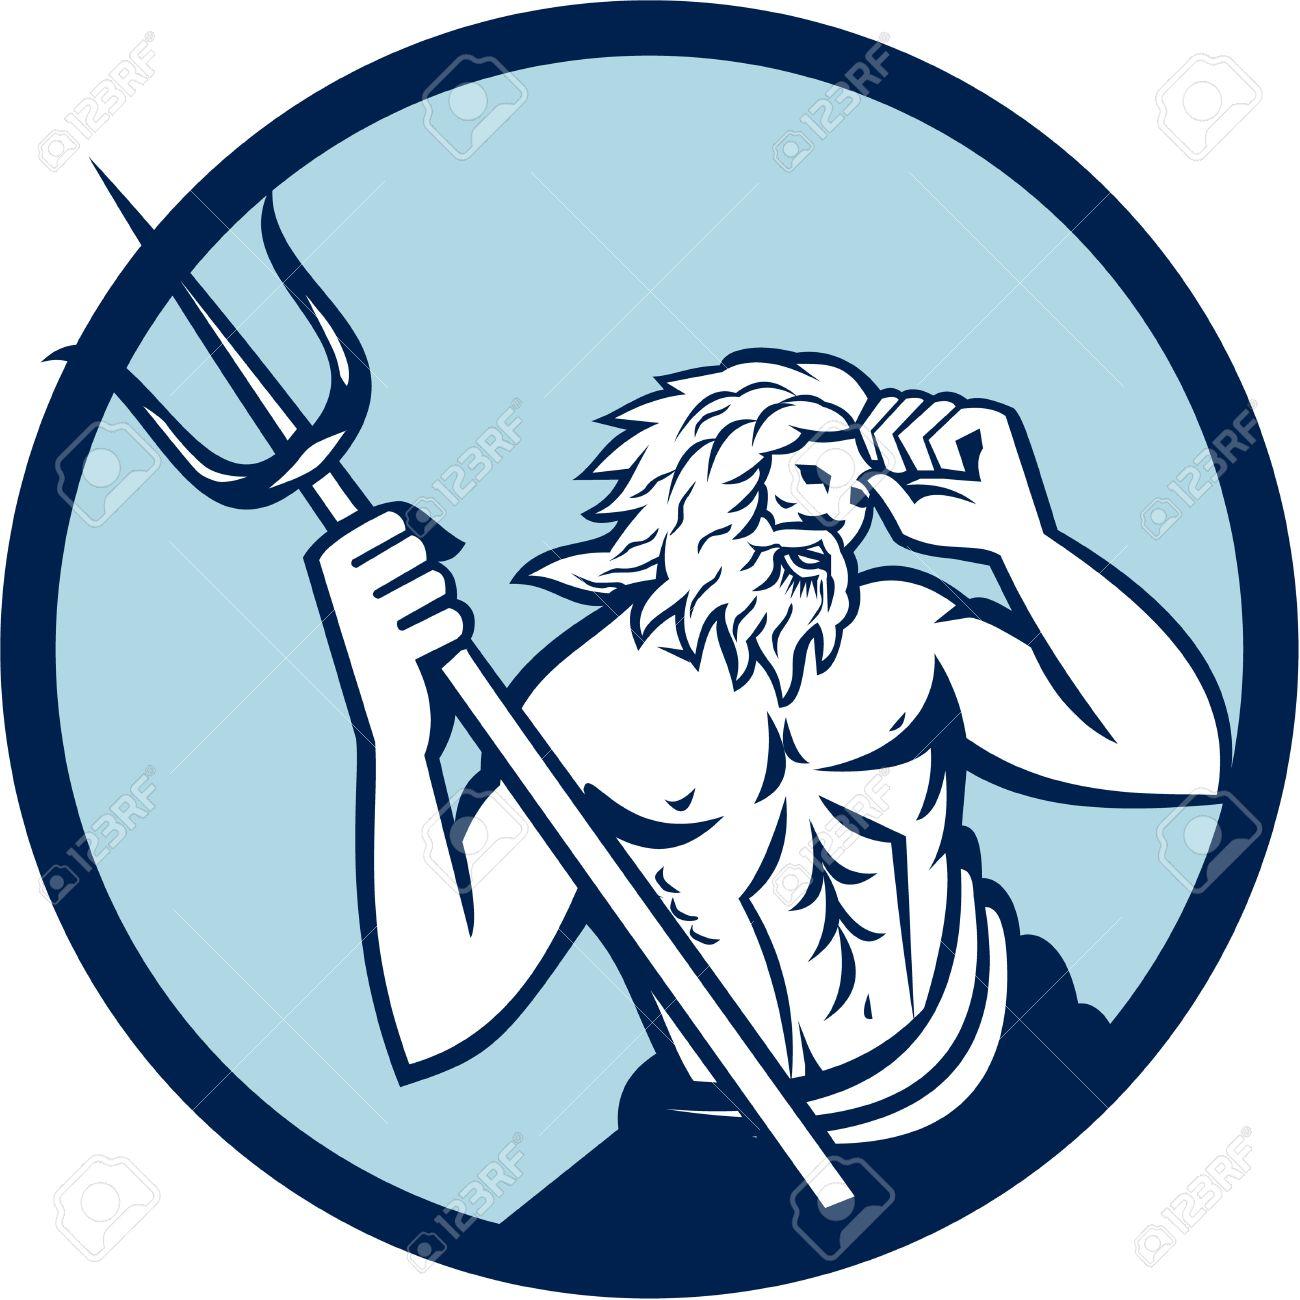 ポセイドンのトライデントを保持している海の神のイラストは円の中に